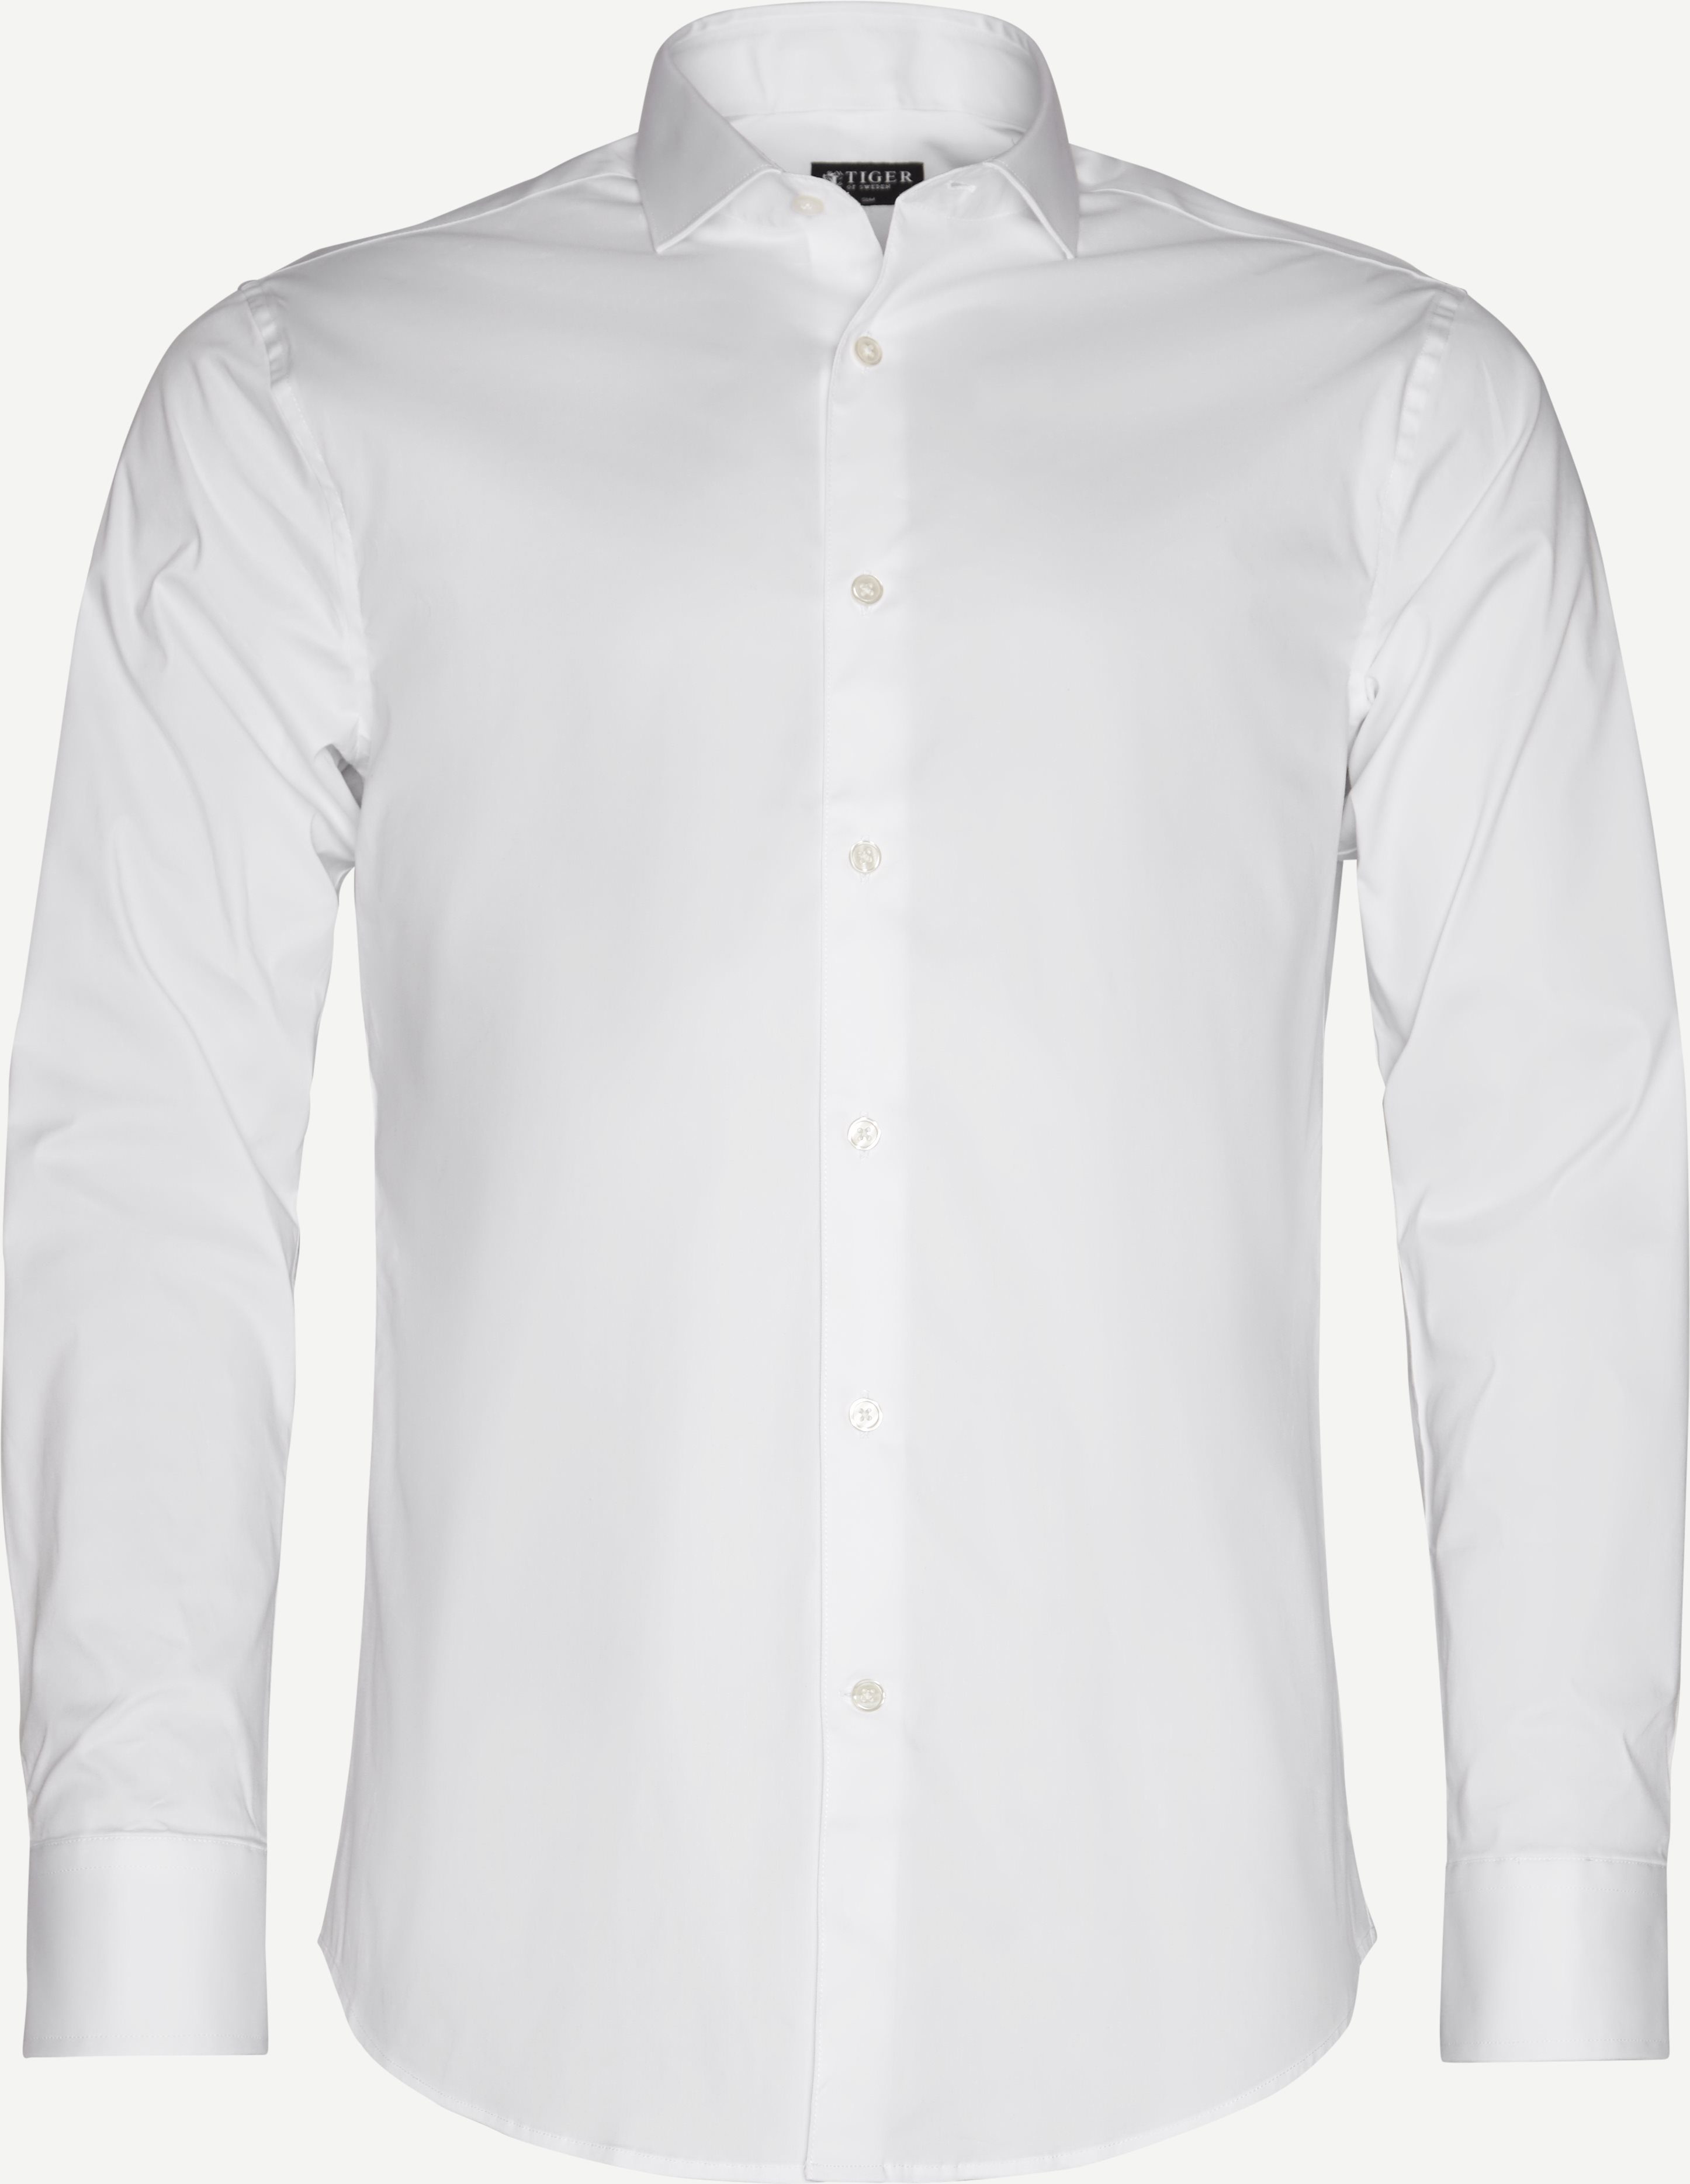 Farrell5 Skjorte - Skjorter - Slim fit - Hvid